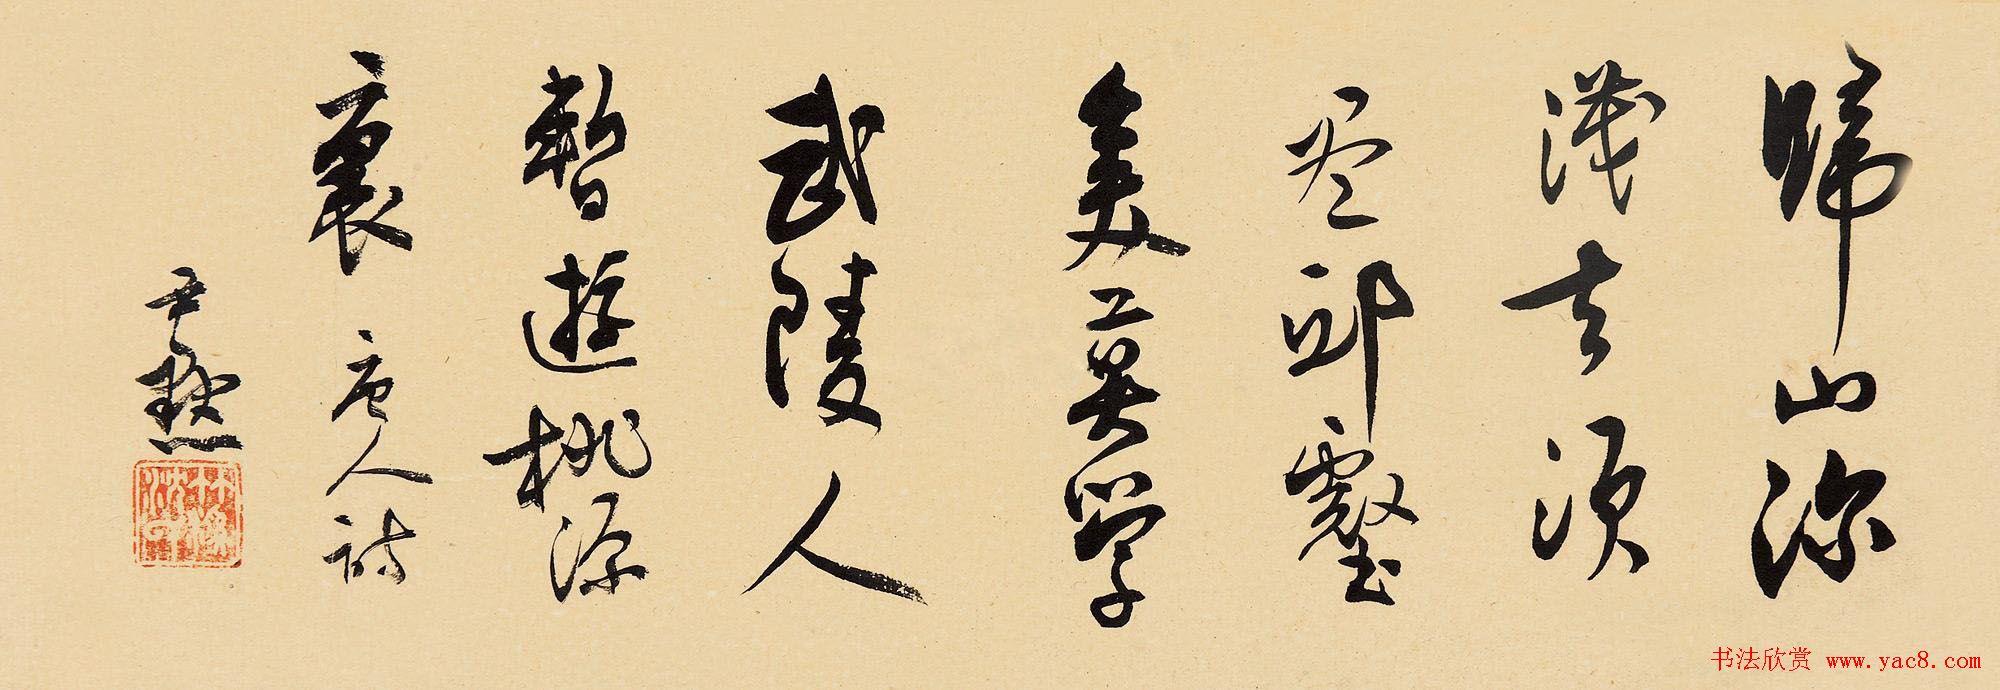 沈尹默书法作品网络大展 第18页 毛笔书法 书法欣赏图片